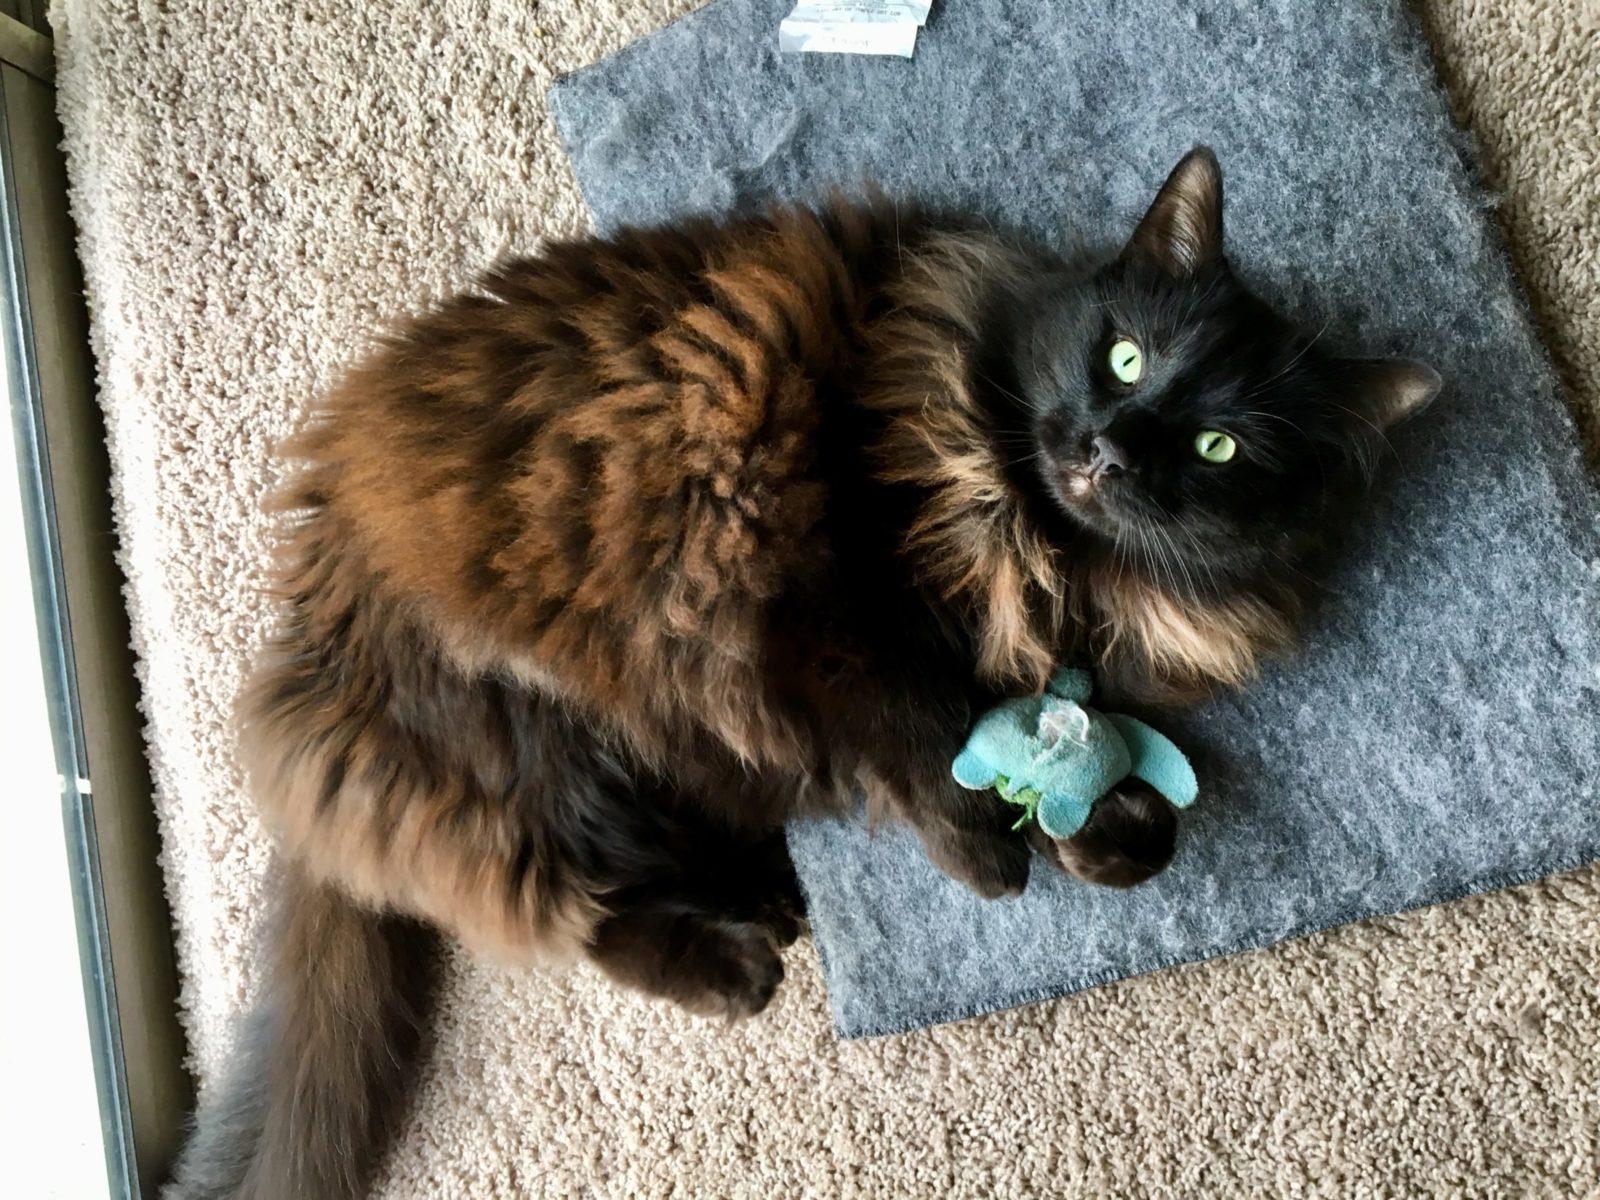 gato castanho brincando com brinquedo